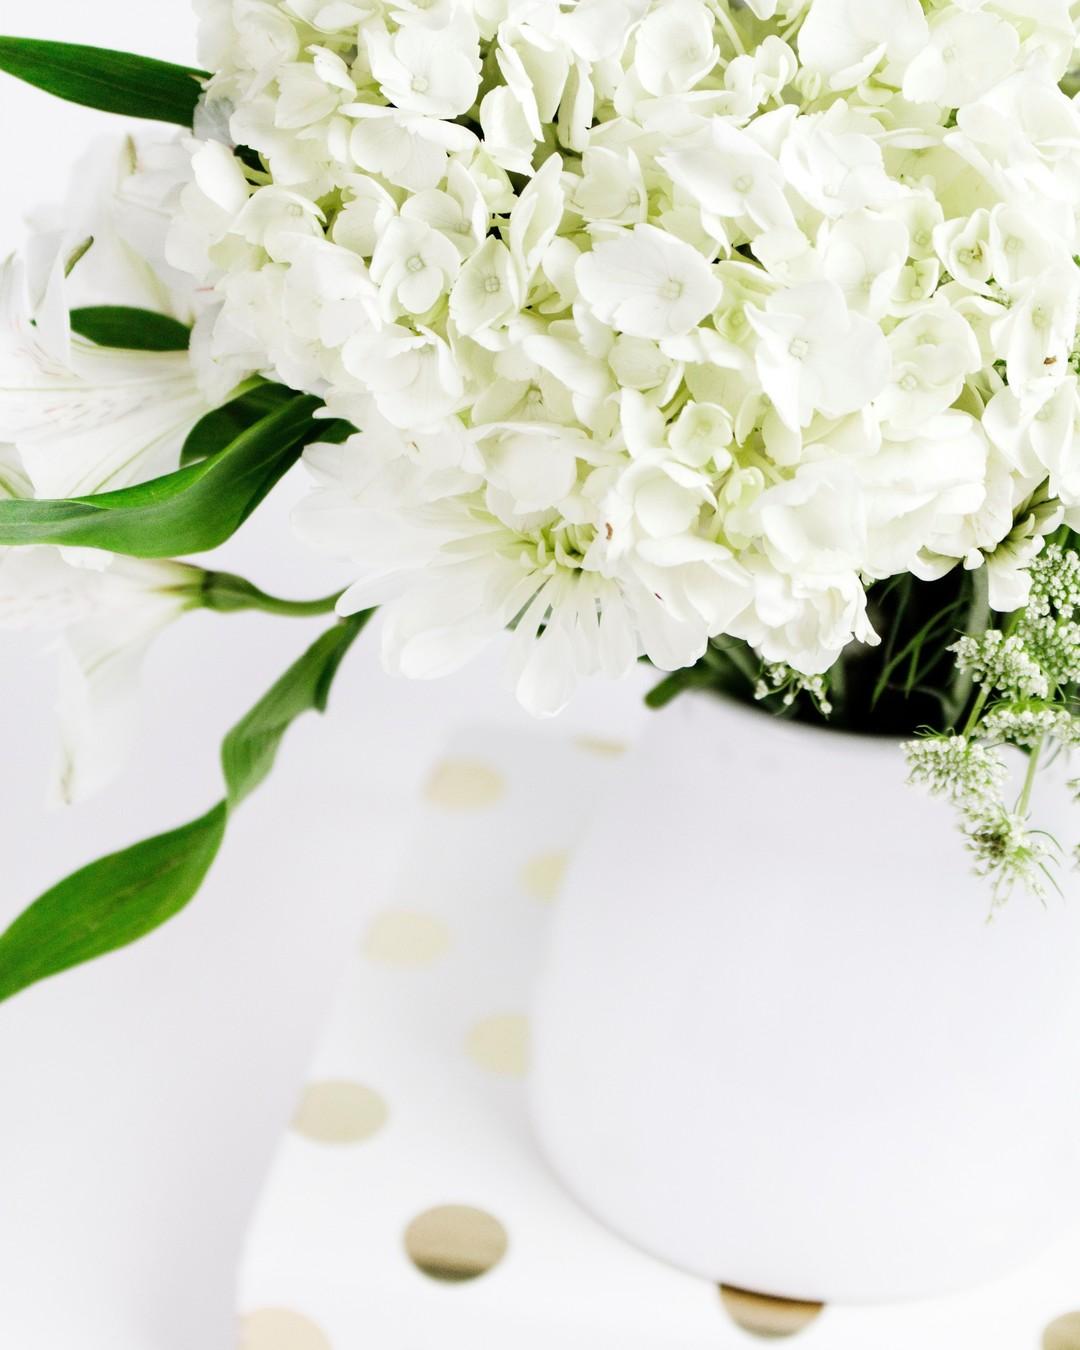 """""""Każdy kwiat kwitnie we własnym czasie."""" – Ken Petti #cytaty #cytat #cytatyożyciu #kwiaty #flowers #whiteflowers #hellomay #białekwiaty #springflowers #flowerdecoration #whitephoto #bright #brightcolors #whiteandgreen #ilovespring #springvibes #flowerstagram #mądrość #wiosna #wiosna2021 #springmood"""